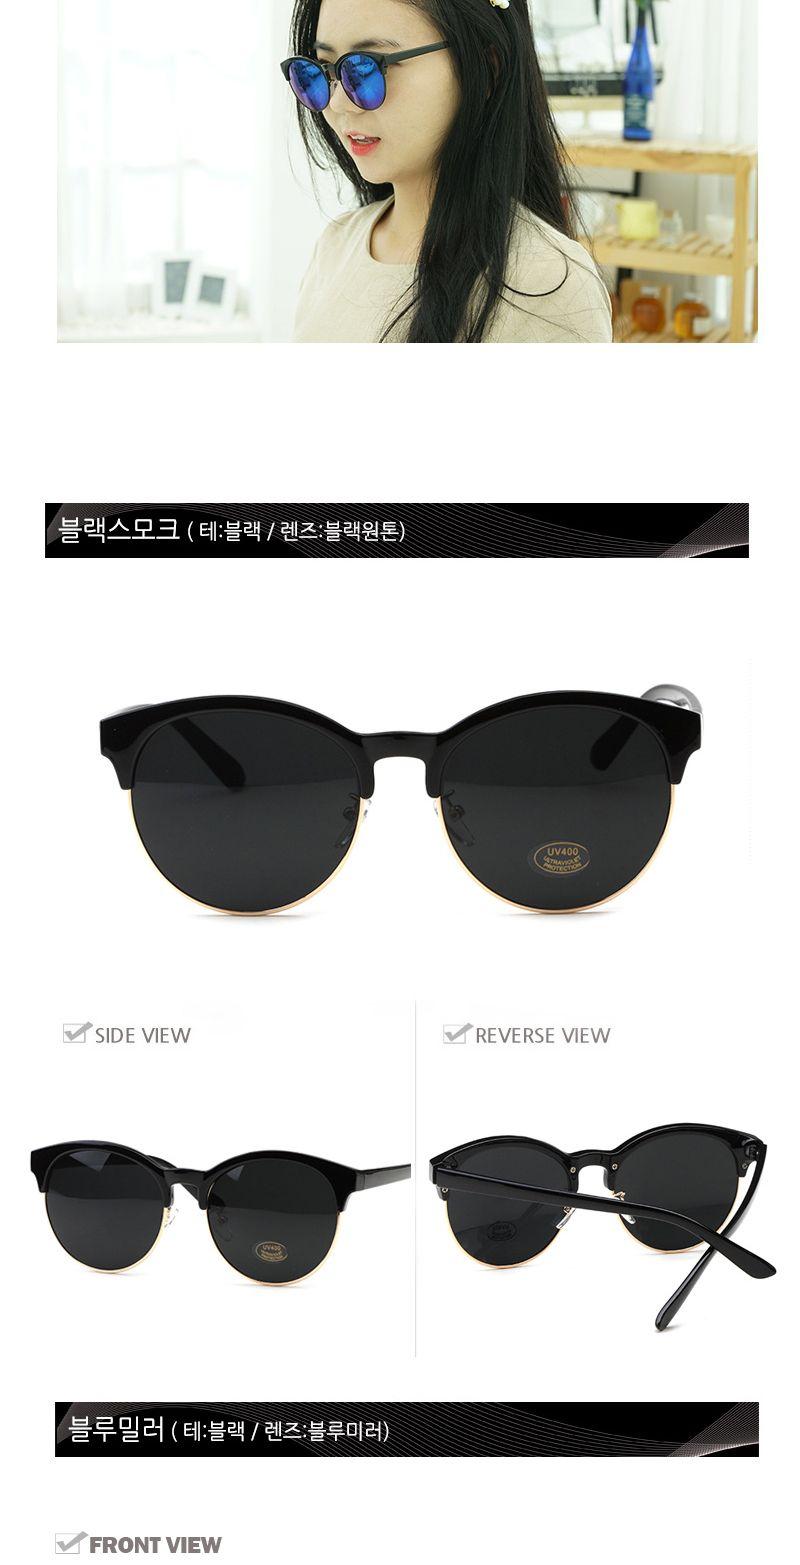 하금테 선글라스 TS857 남자선글라스 남녀공용선글라 남자선글라스 남녀공용선글라스 남성선글라스 여성선글라스 선글라스